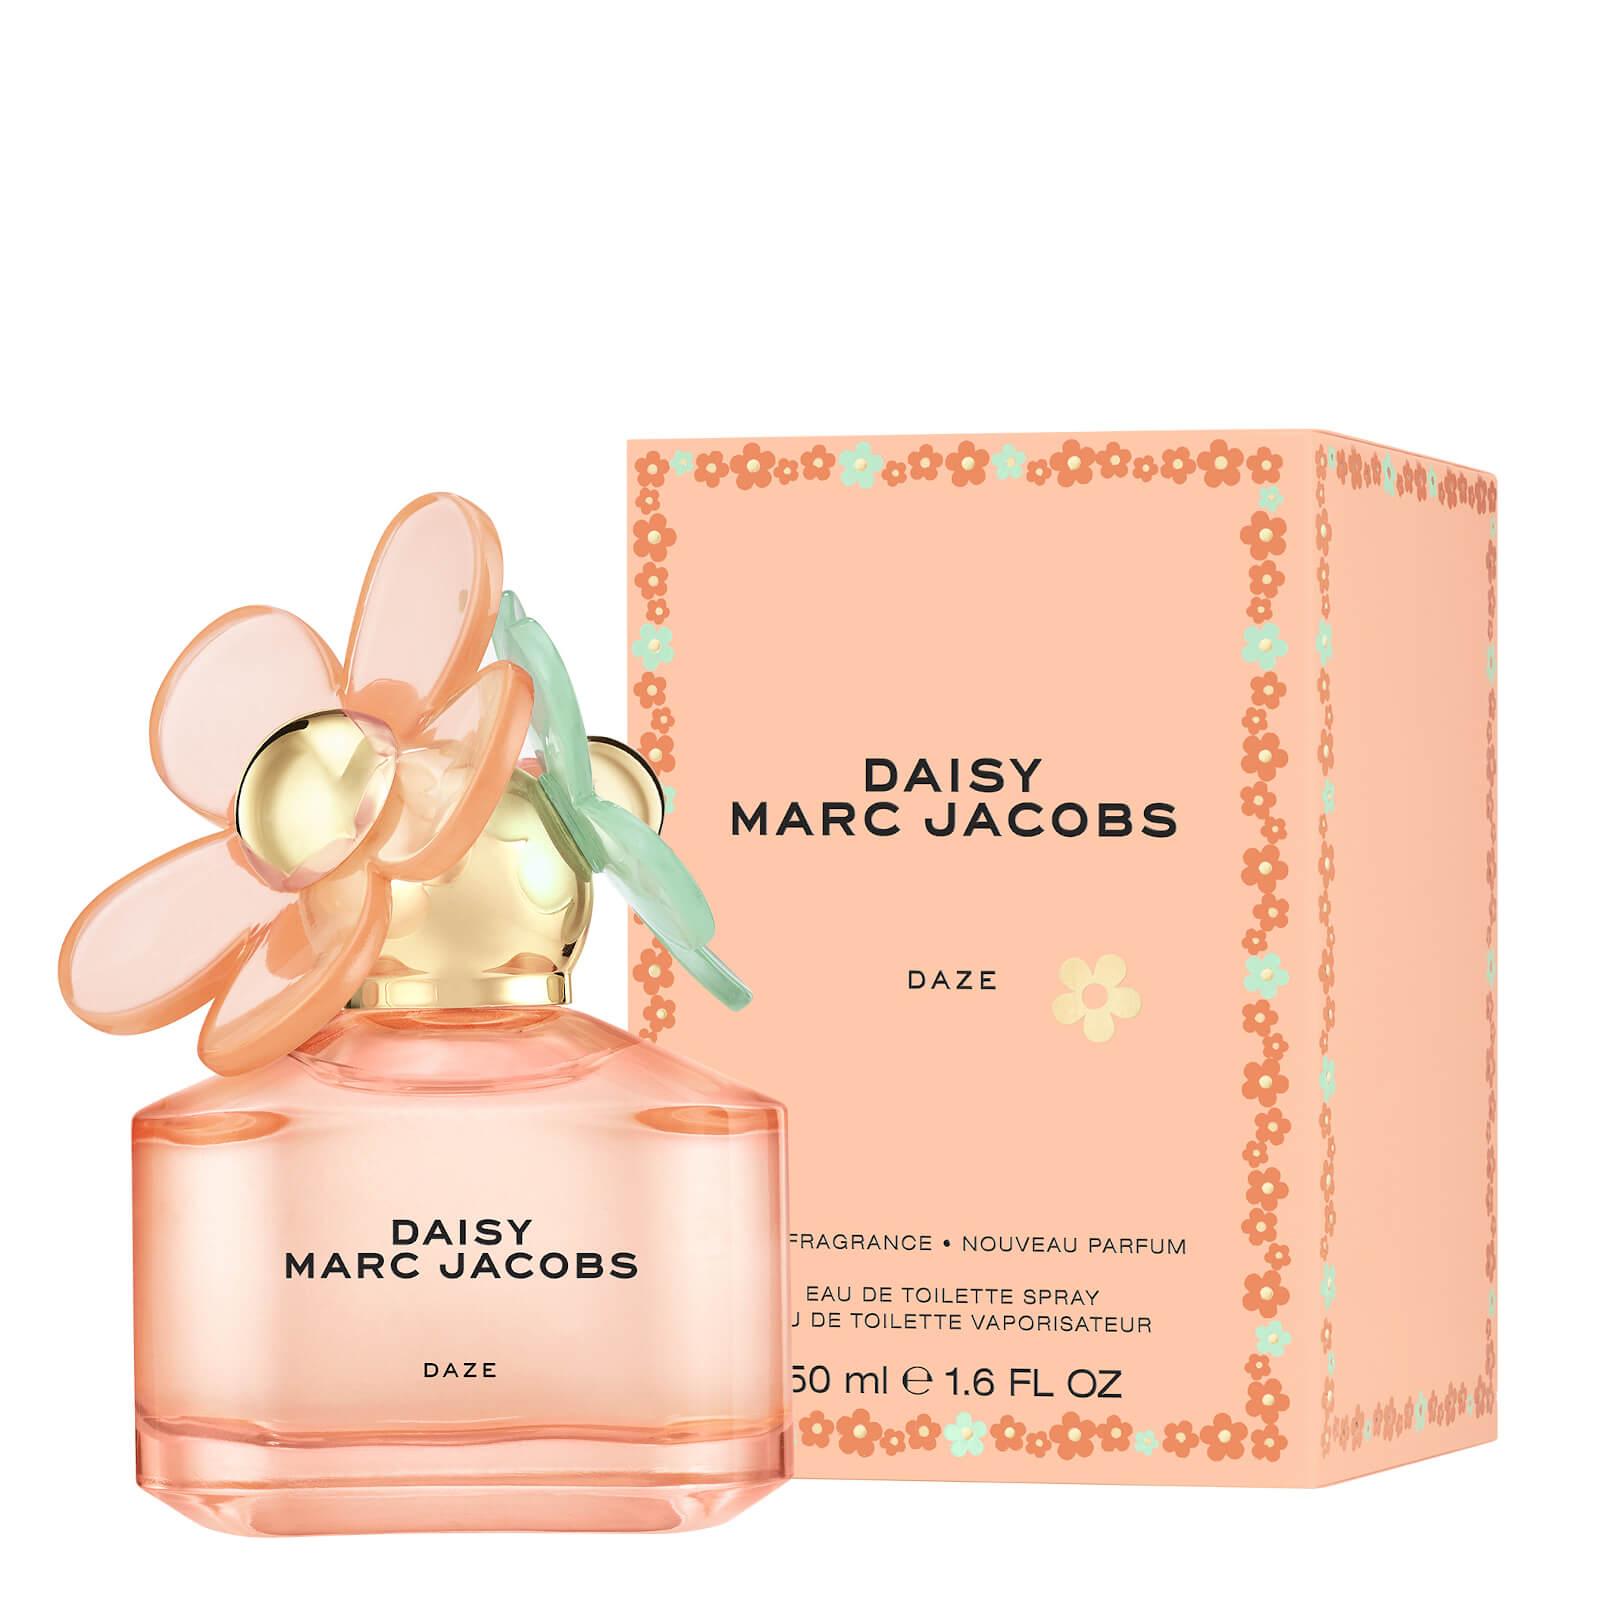 Marc Jacobs Daisy Daze Eau de Toilette 132 лв. Marc Jacobs Daisy Daze до голяма степен напомня на въздушния флорален аромат на оригинала, но с вълнуваща добавка от мандарина и мускус. Запомнящ се аромат, който идва в лимитирана серия, затова бързаме да му се насладим, докато все още можем.